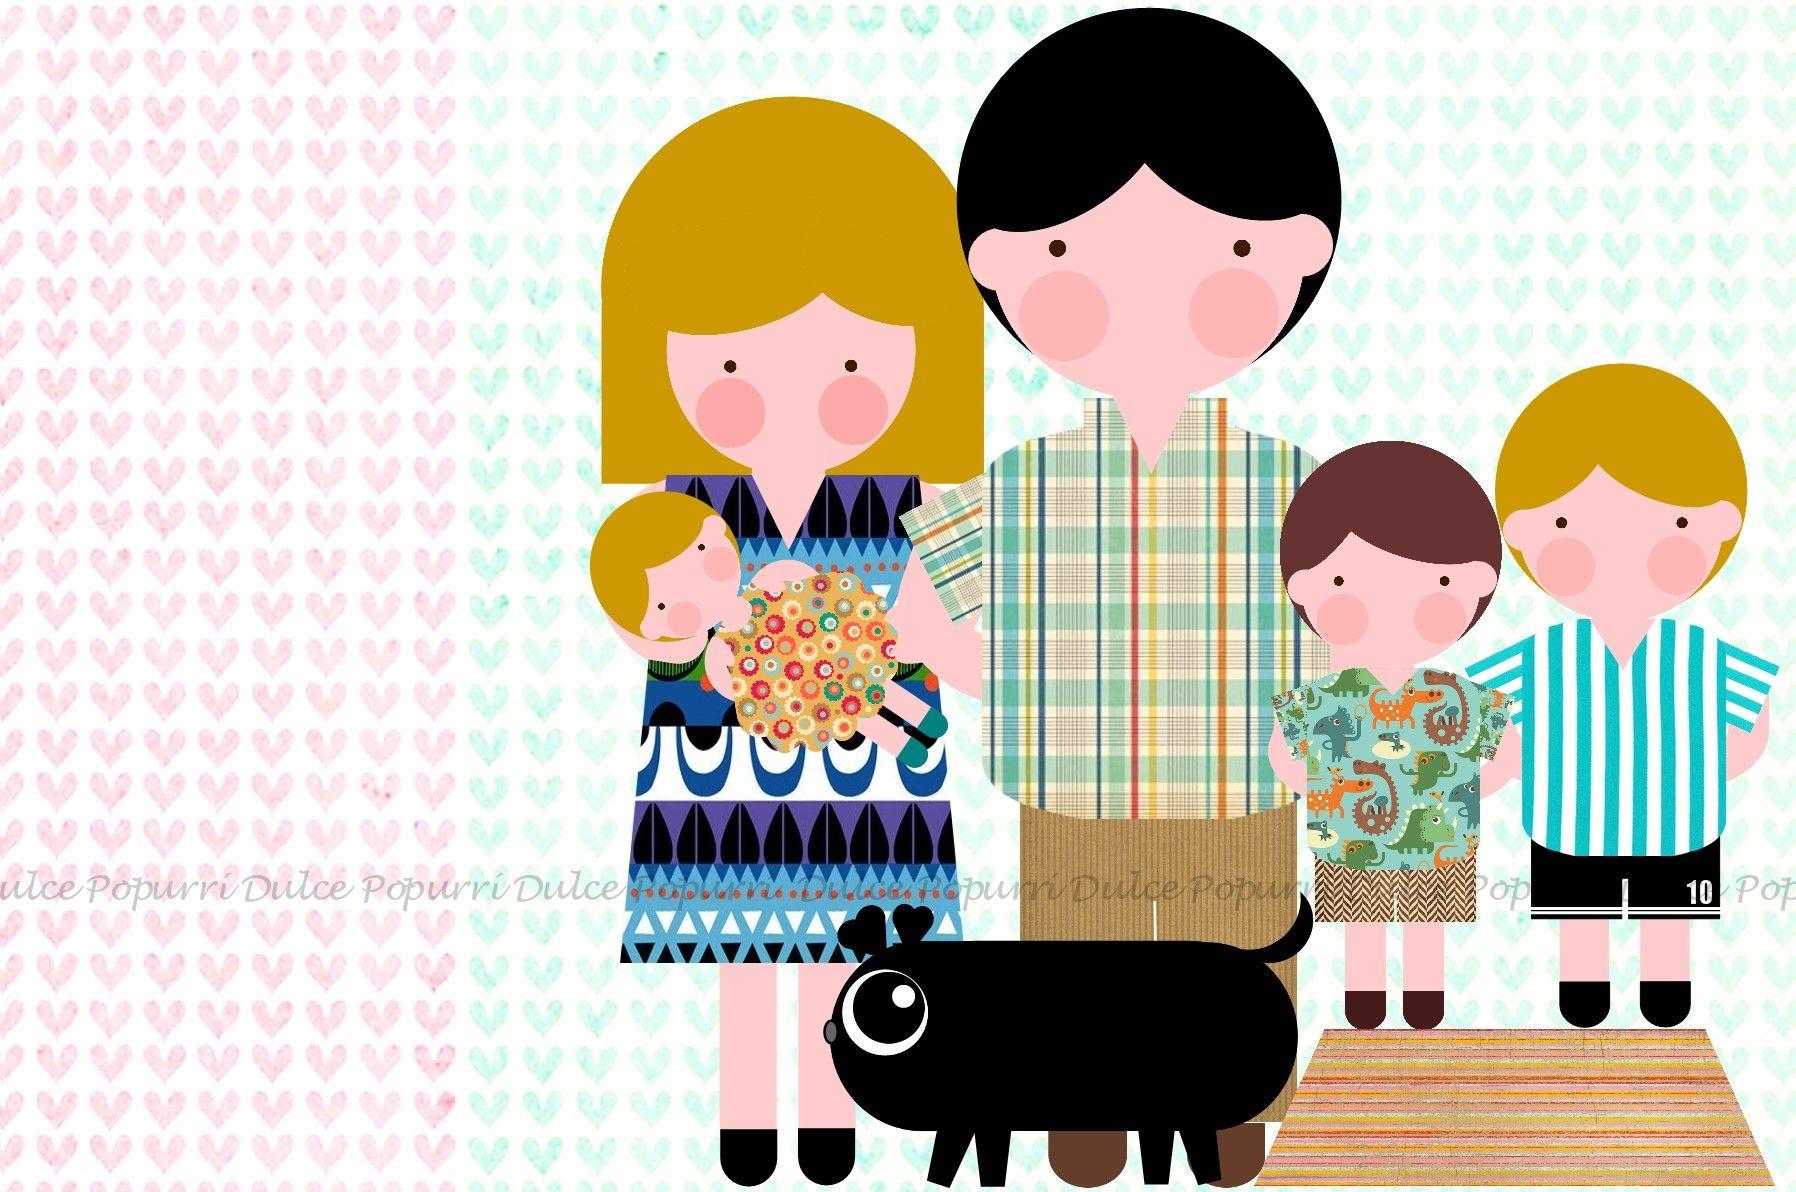 15 De Mayo Dia Internacional De La Familia Dulce Popurri Popurri Dibujos Dibujo Digital